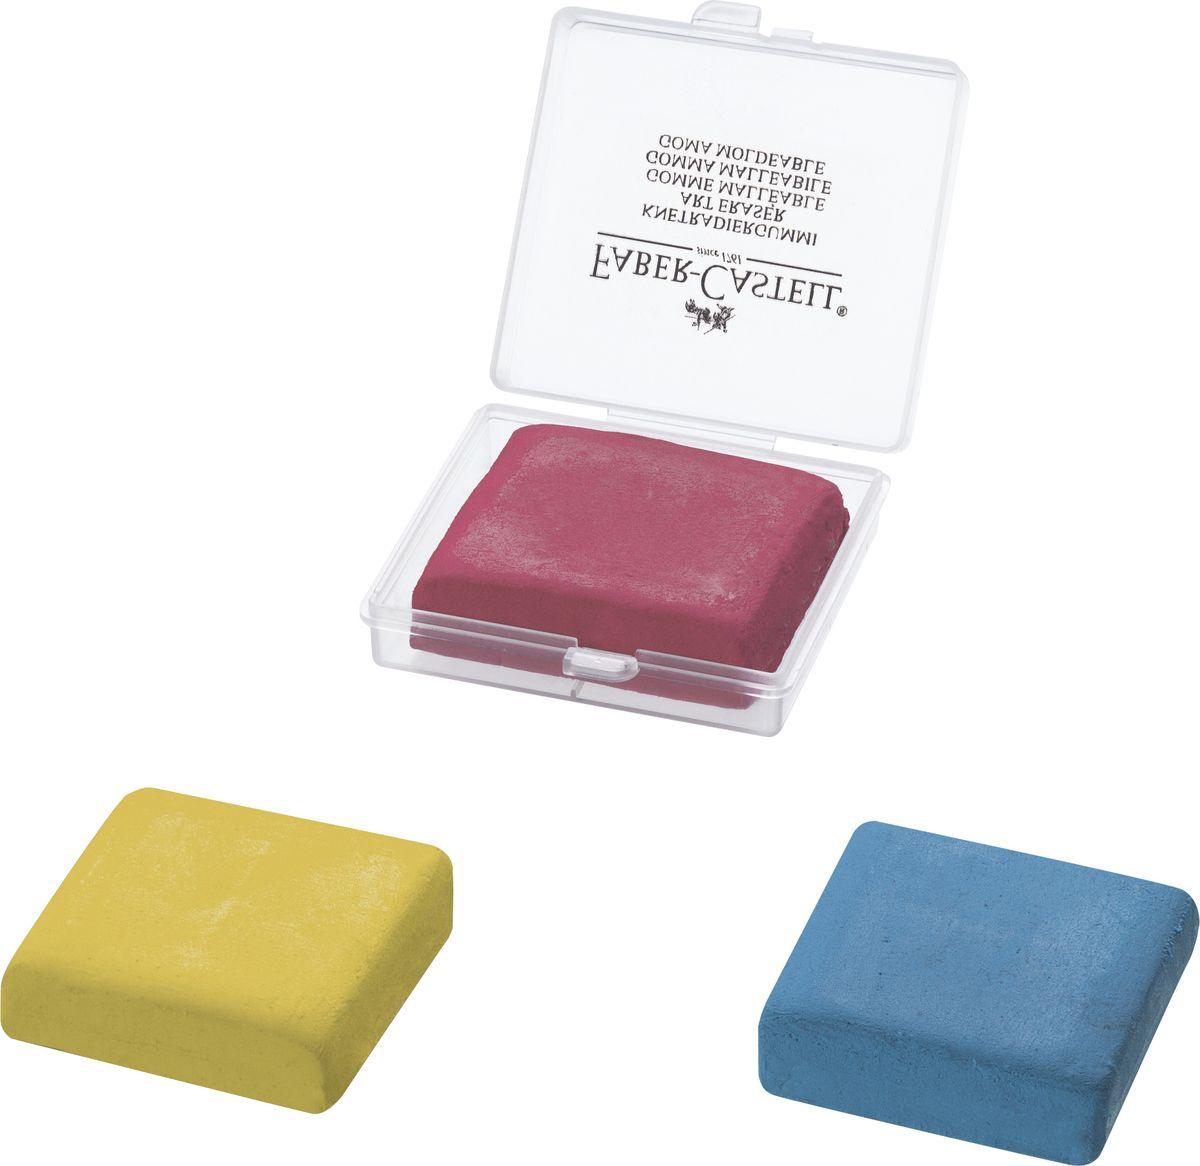 Faber-Castell Художественный ластик набор цветов в индивидуальной упаковке цвет синий